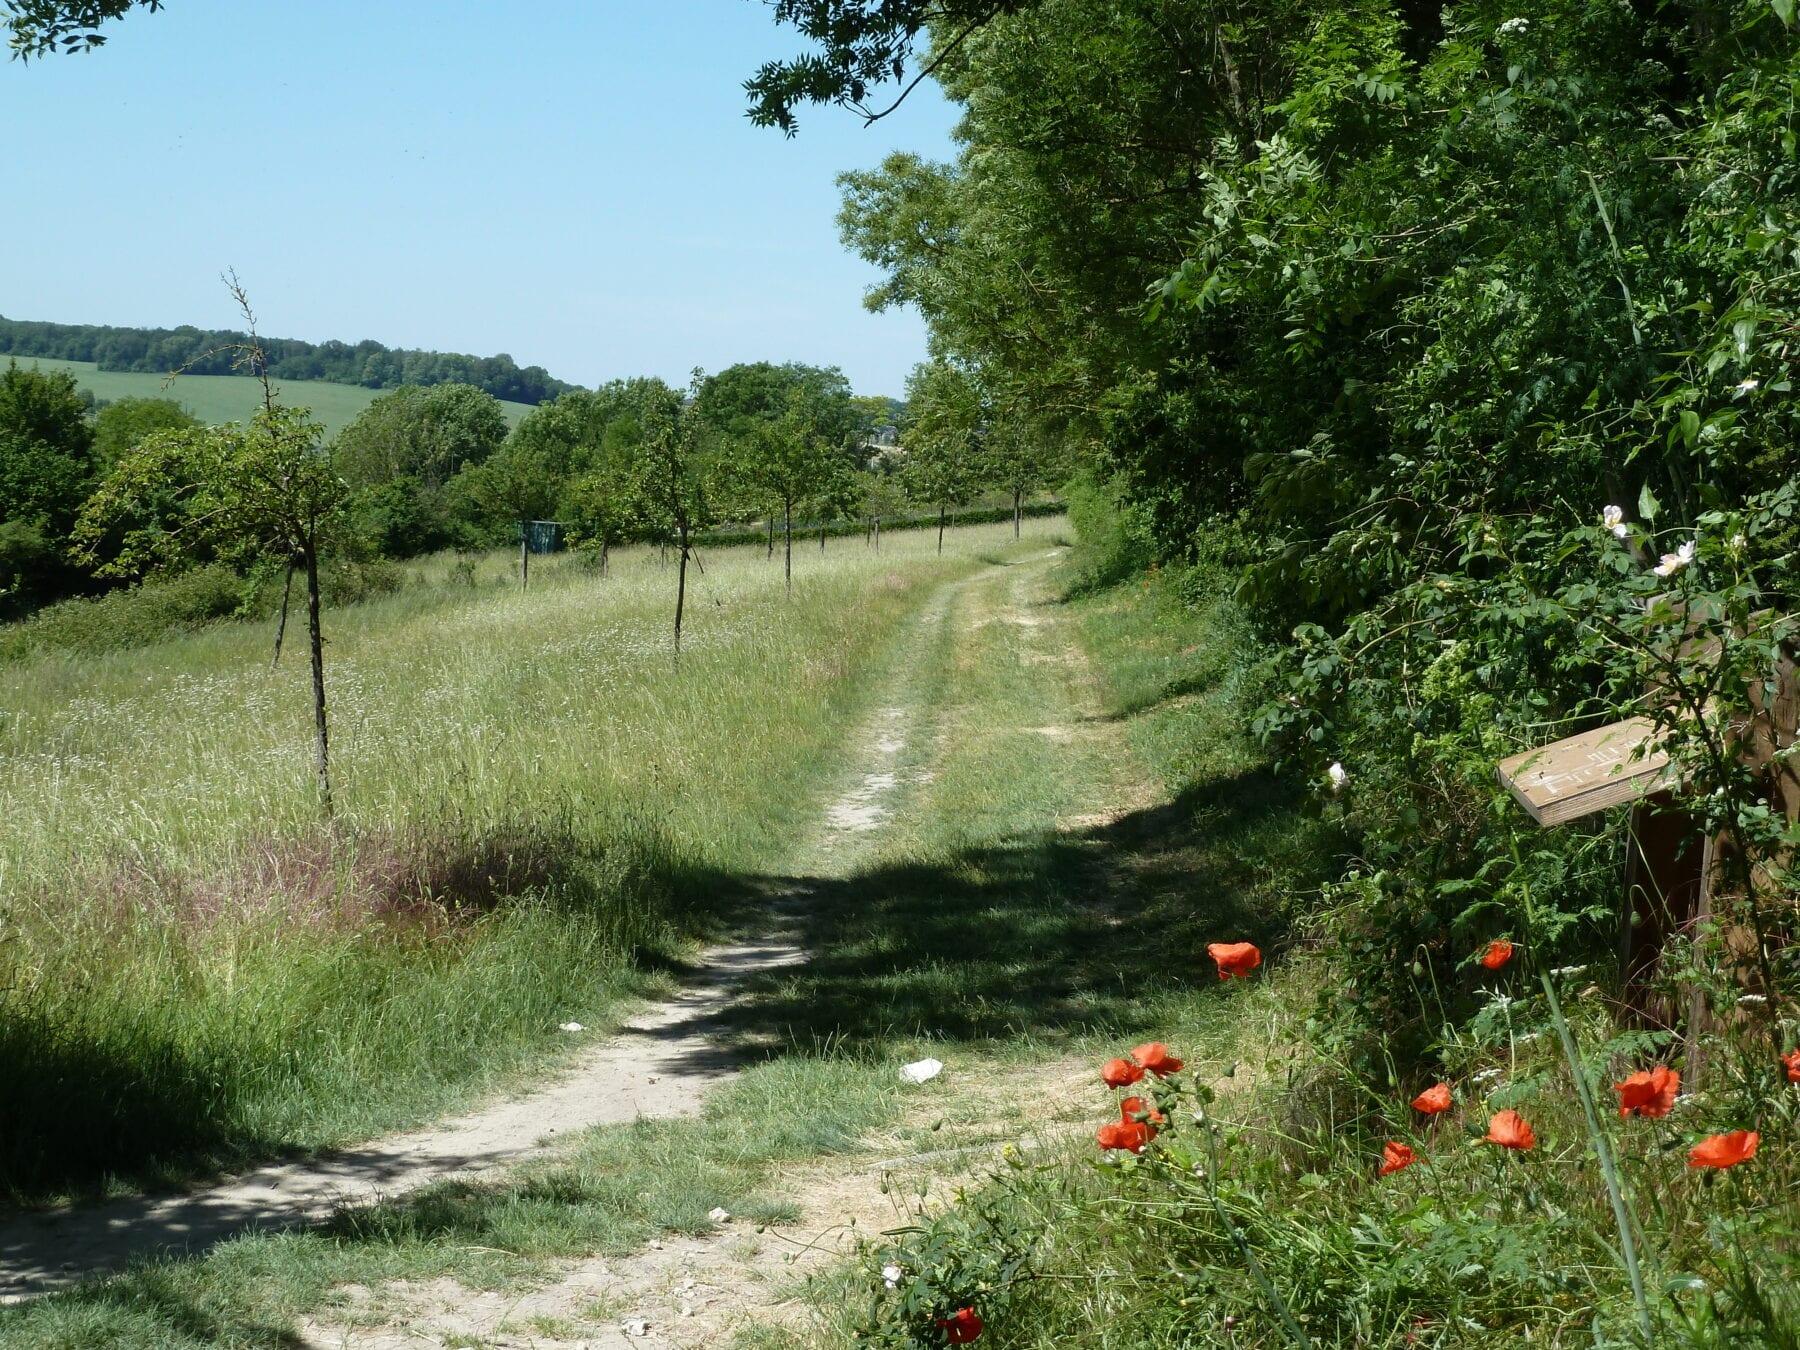 Route des vins Zuid-Limburg heuvels